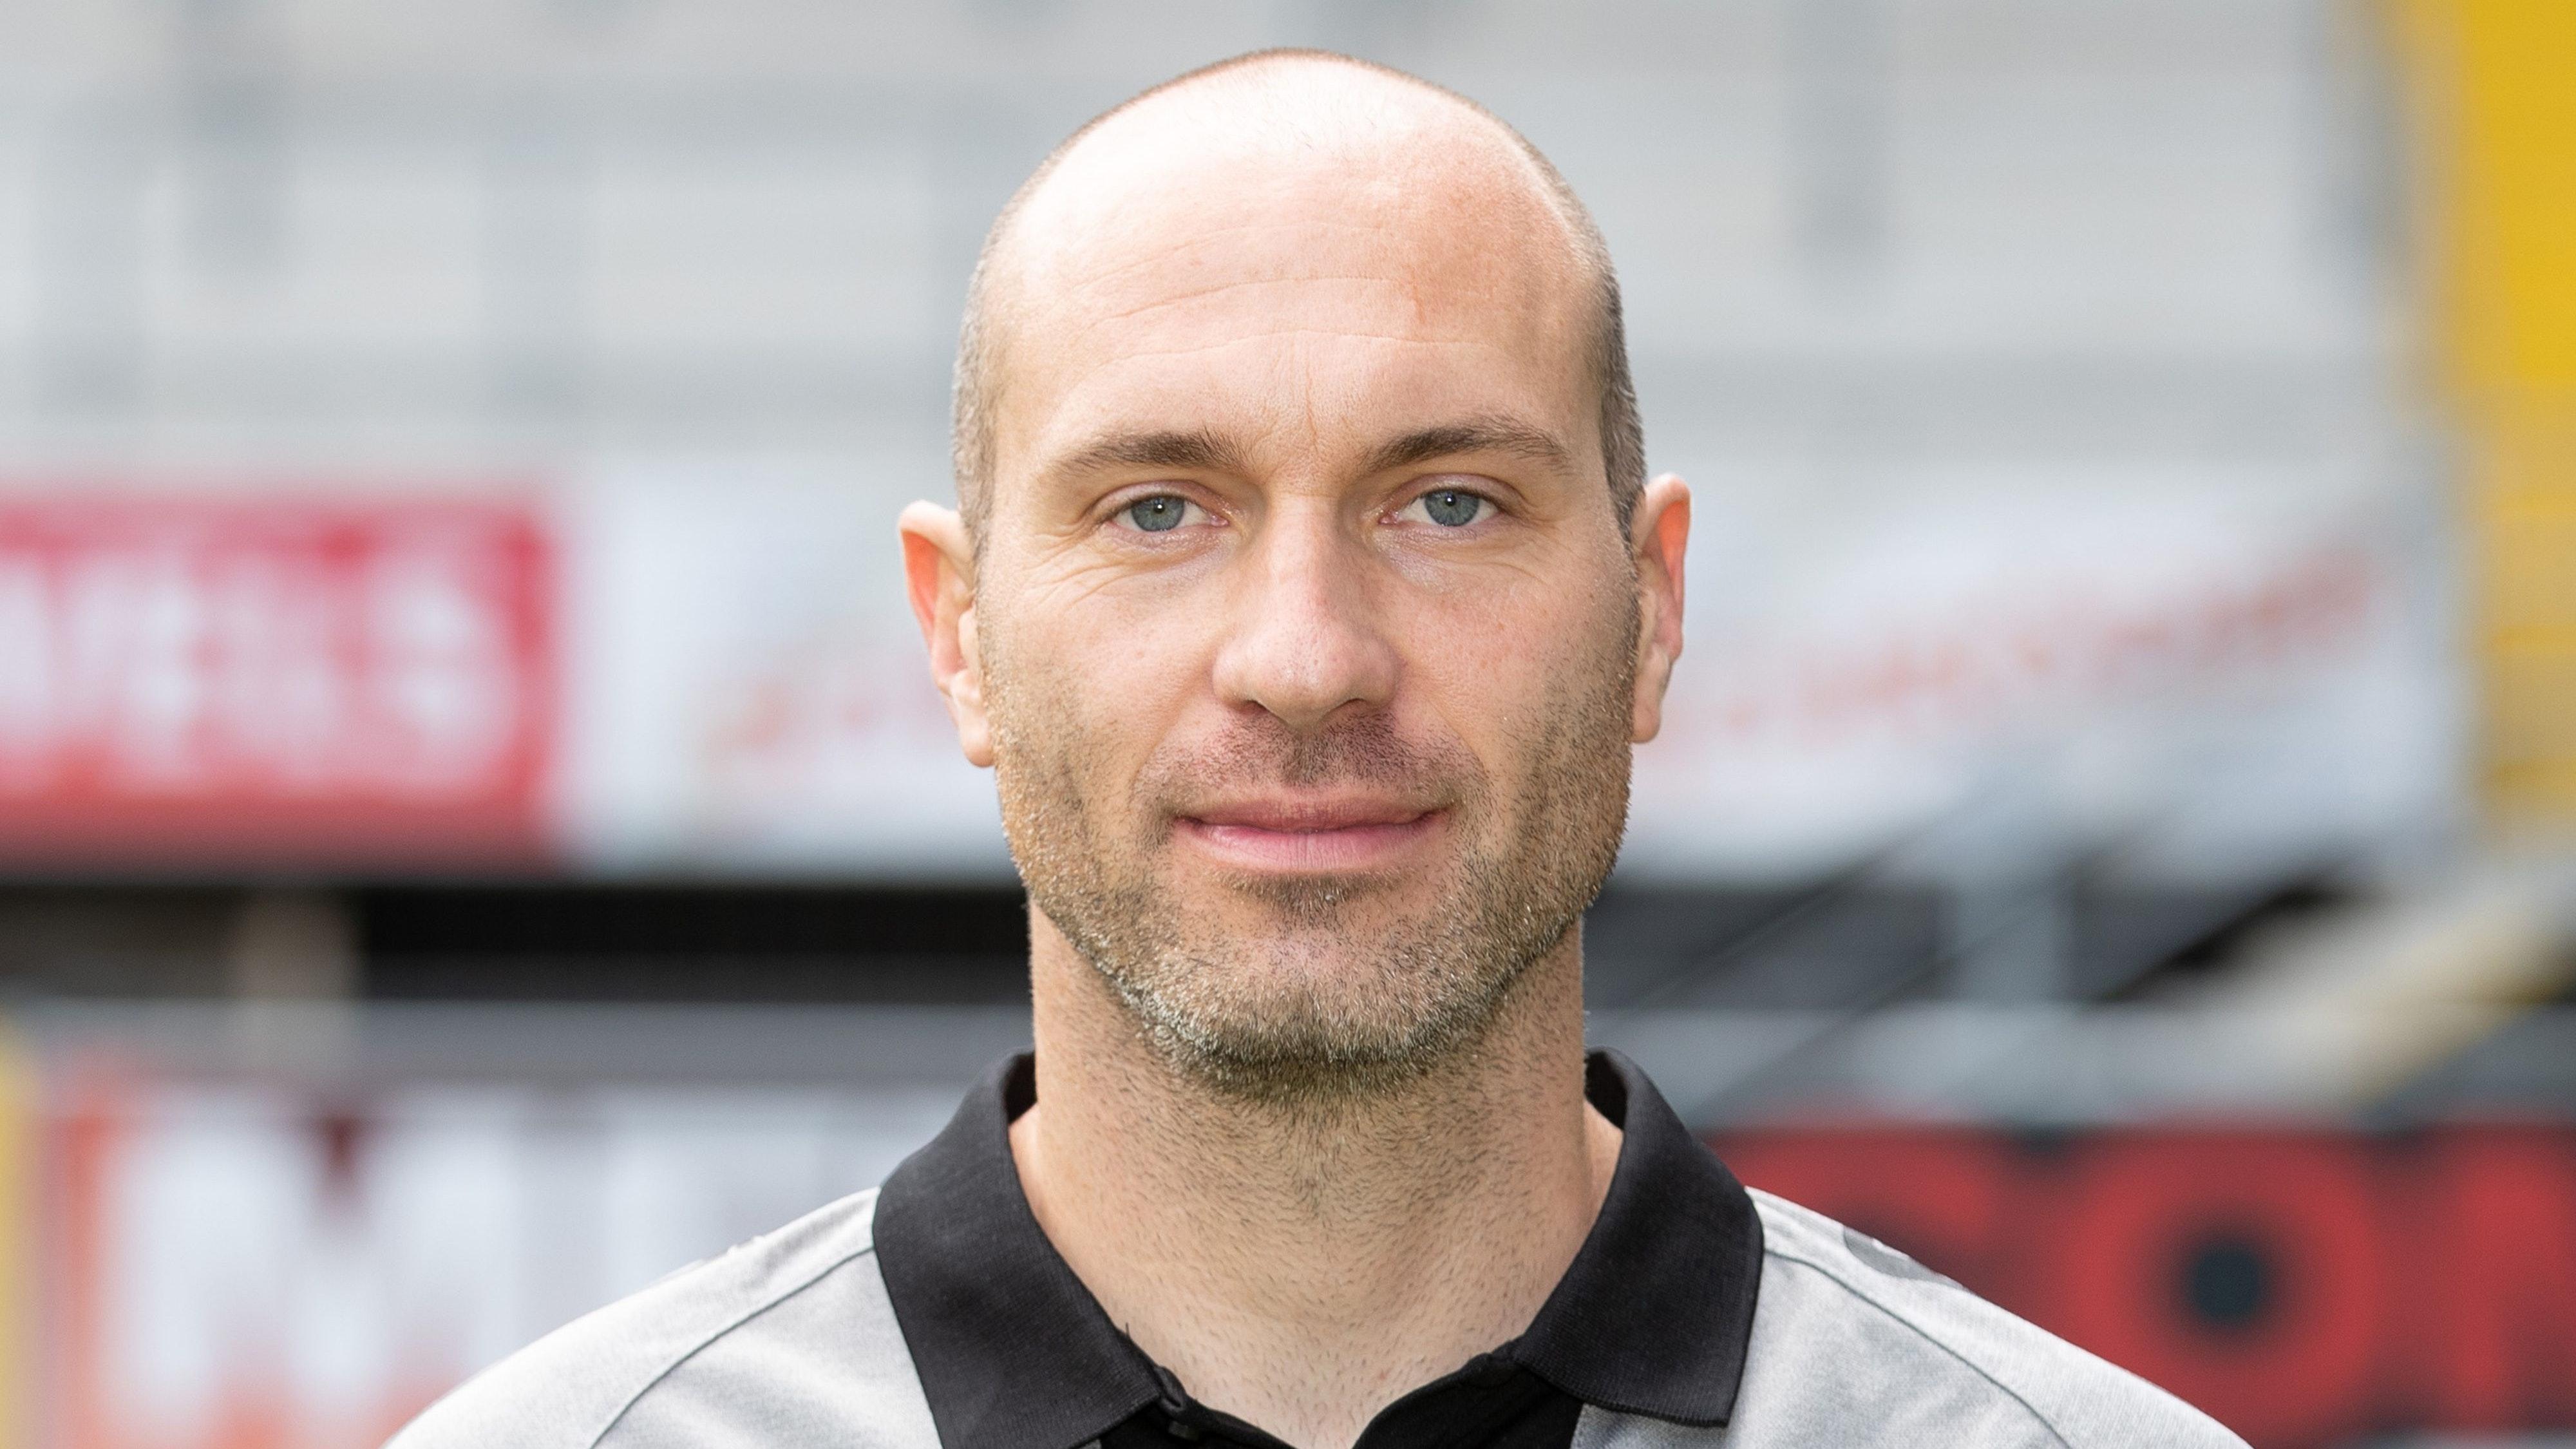 Der neue Trainer des VfL Osnabrück: Daniel Scherning soll den Umbruch managen. Foto: dpa/Gentsch